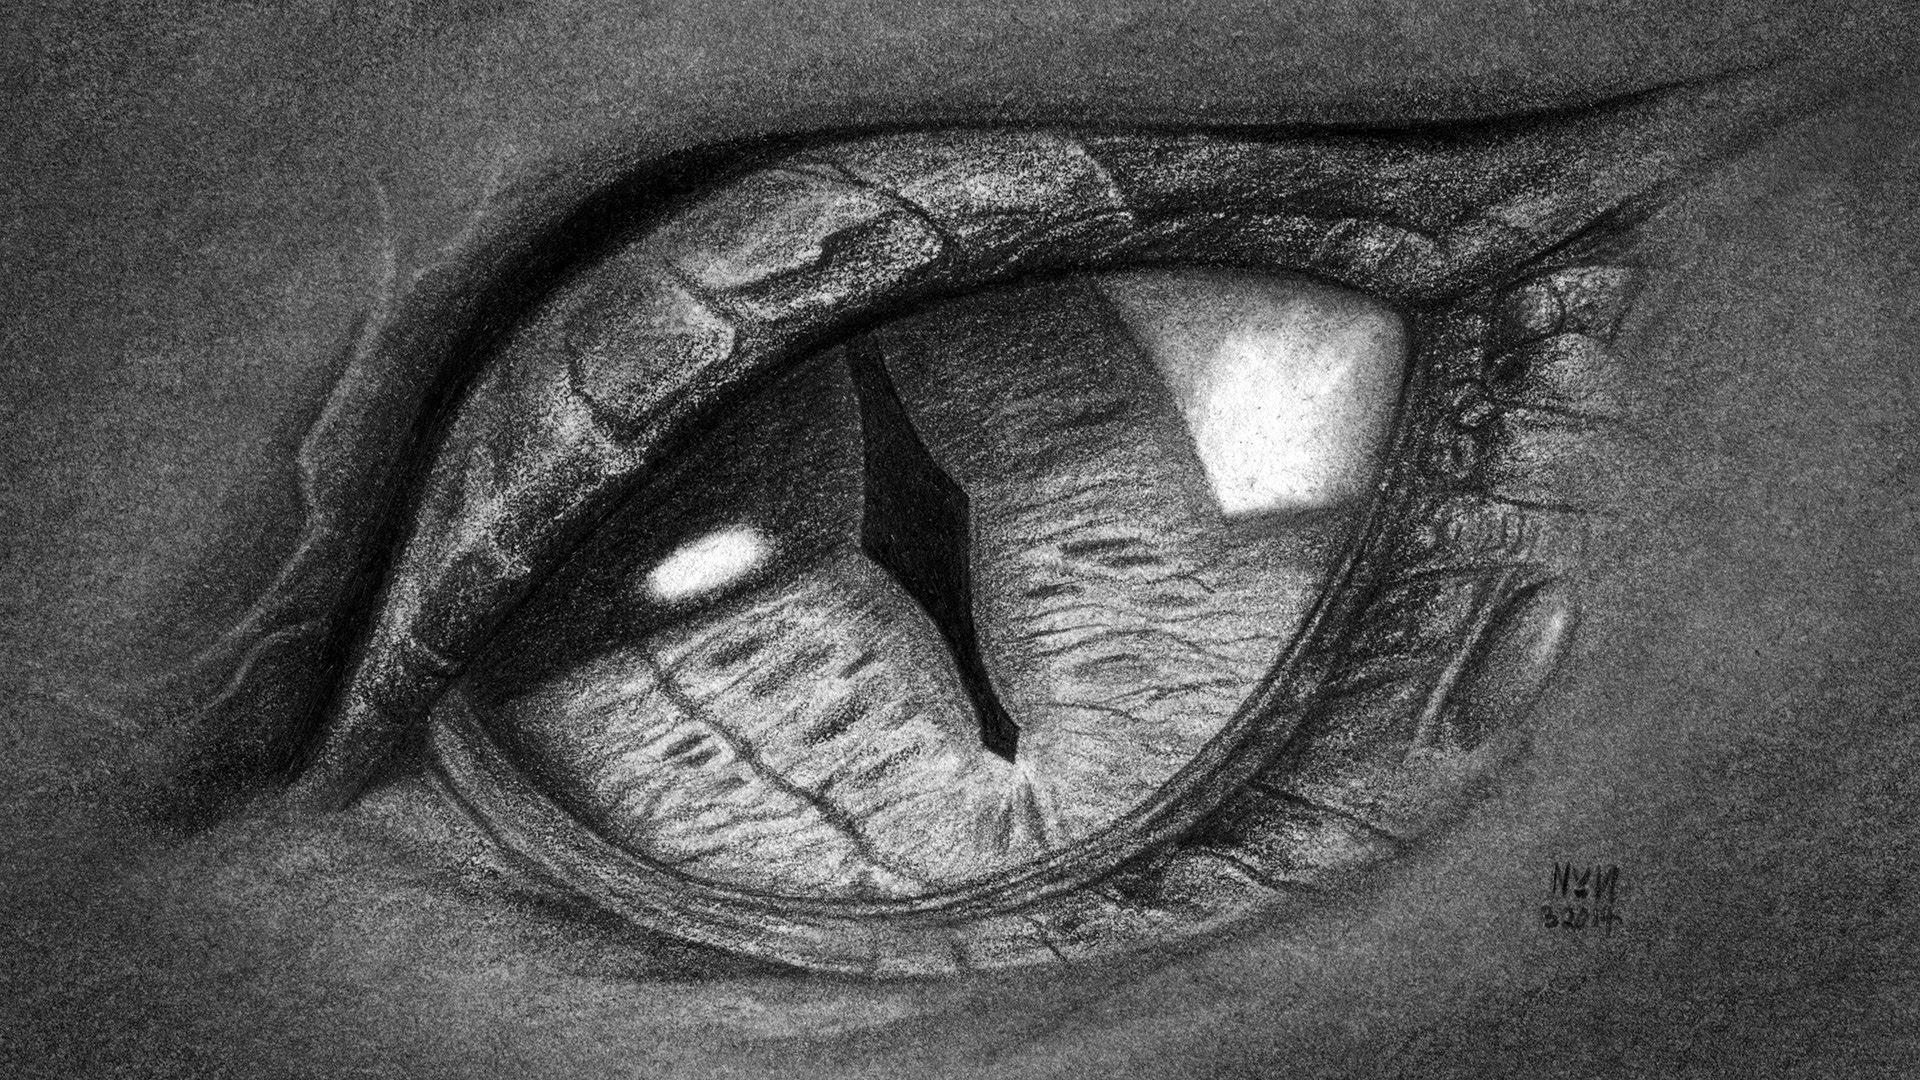 Drawn wallpaper dragon To Close Dragon's Eye Carramar